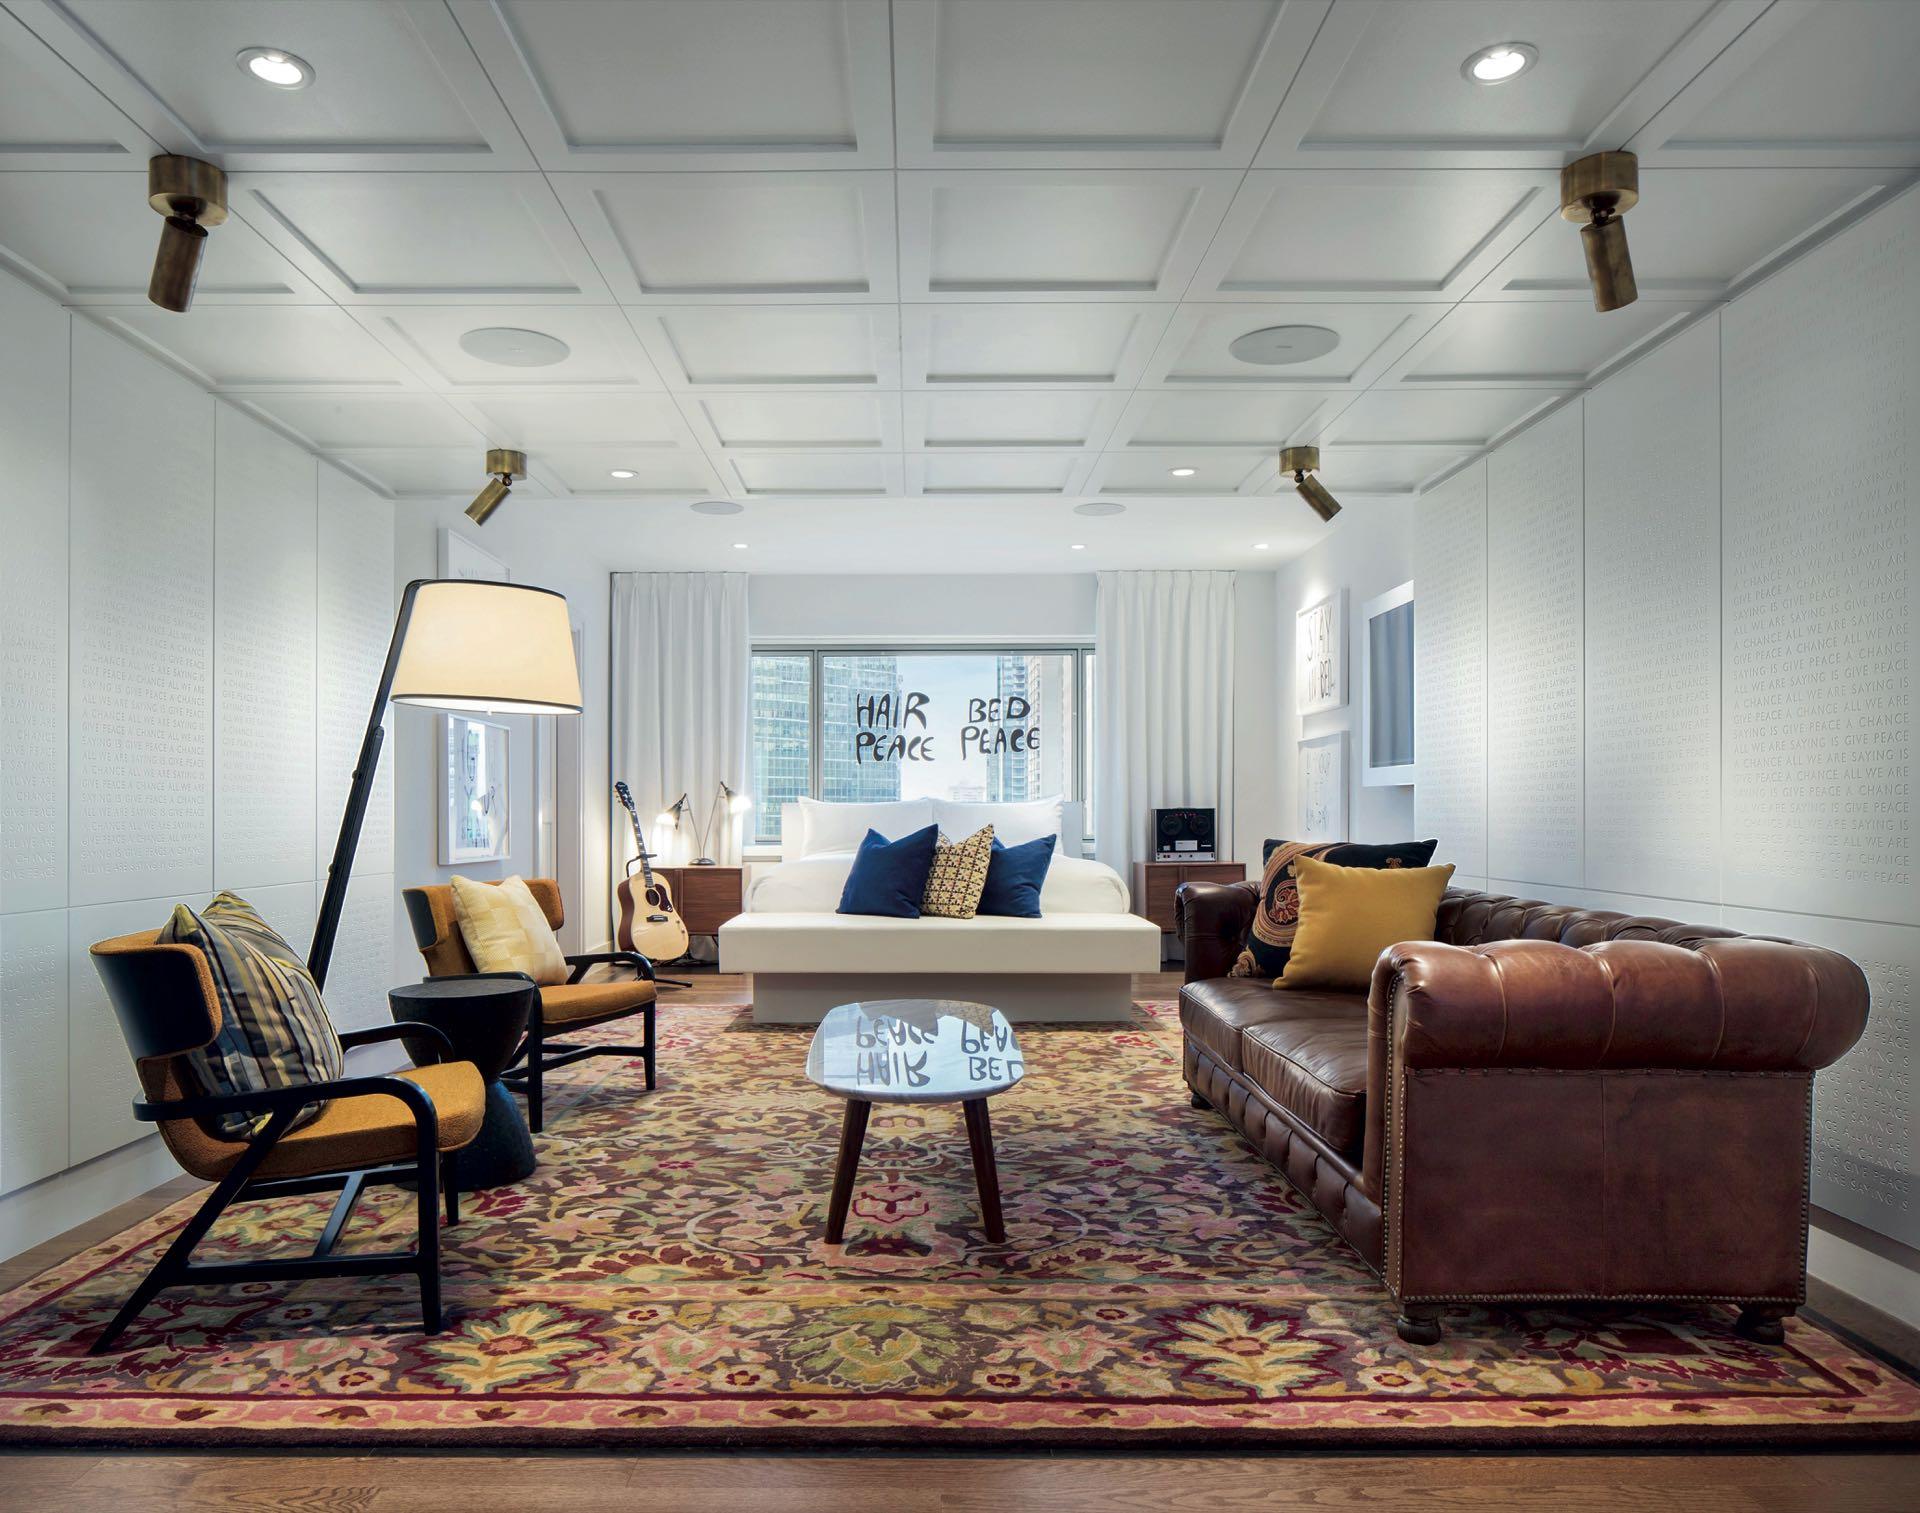 La habitación cuenta con una superficie de 128 metros cuadrados, cargada de espacios que recrean el reputado momento.